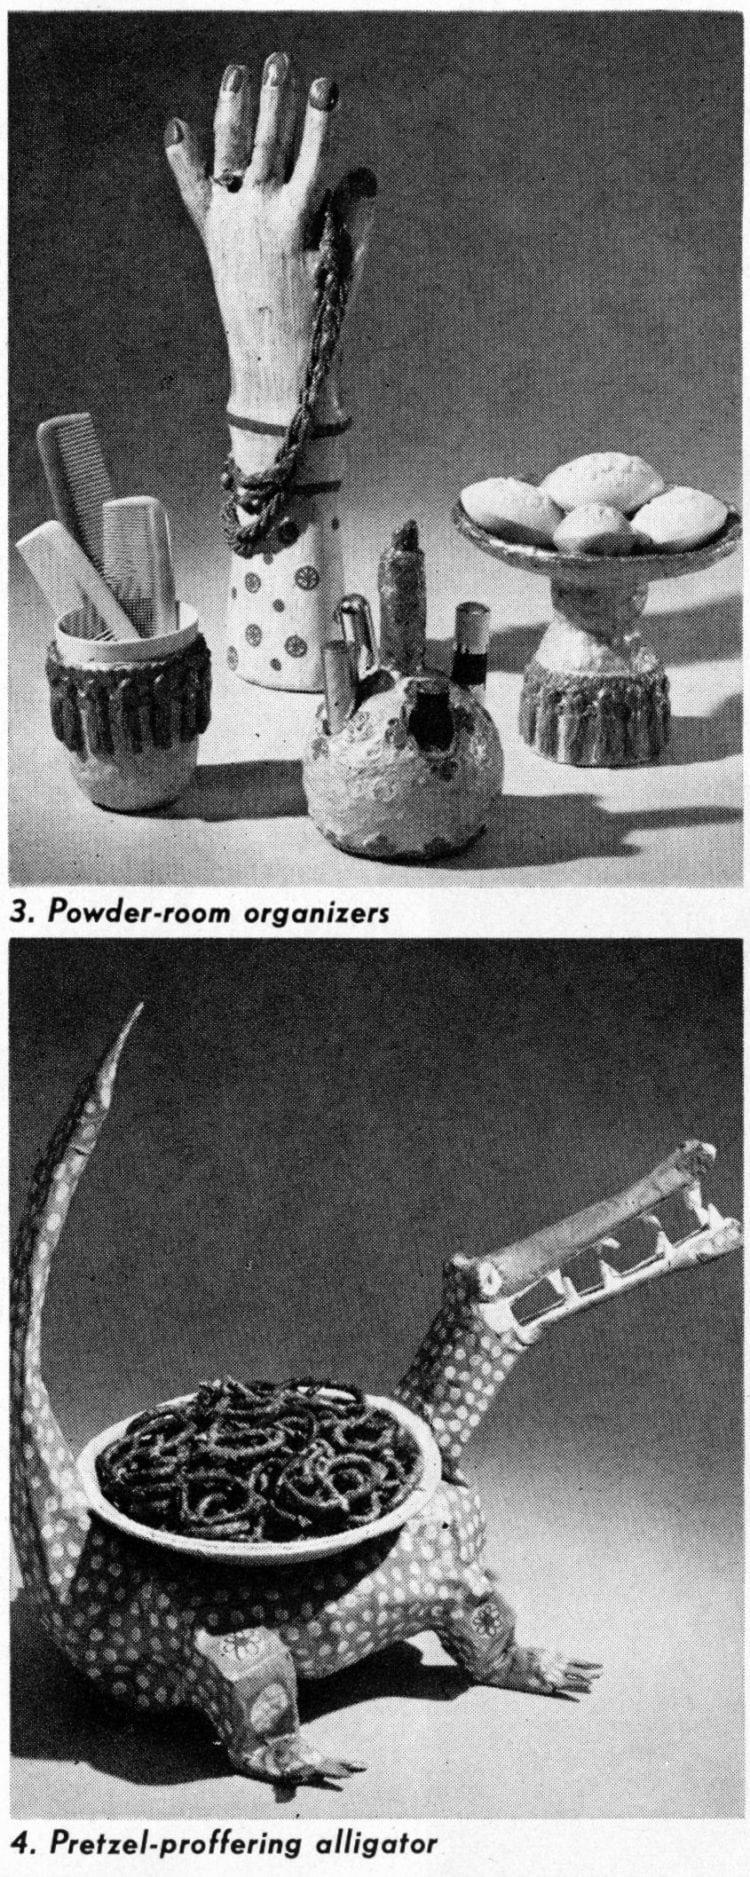 papier-mache crafts - organizers